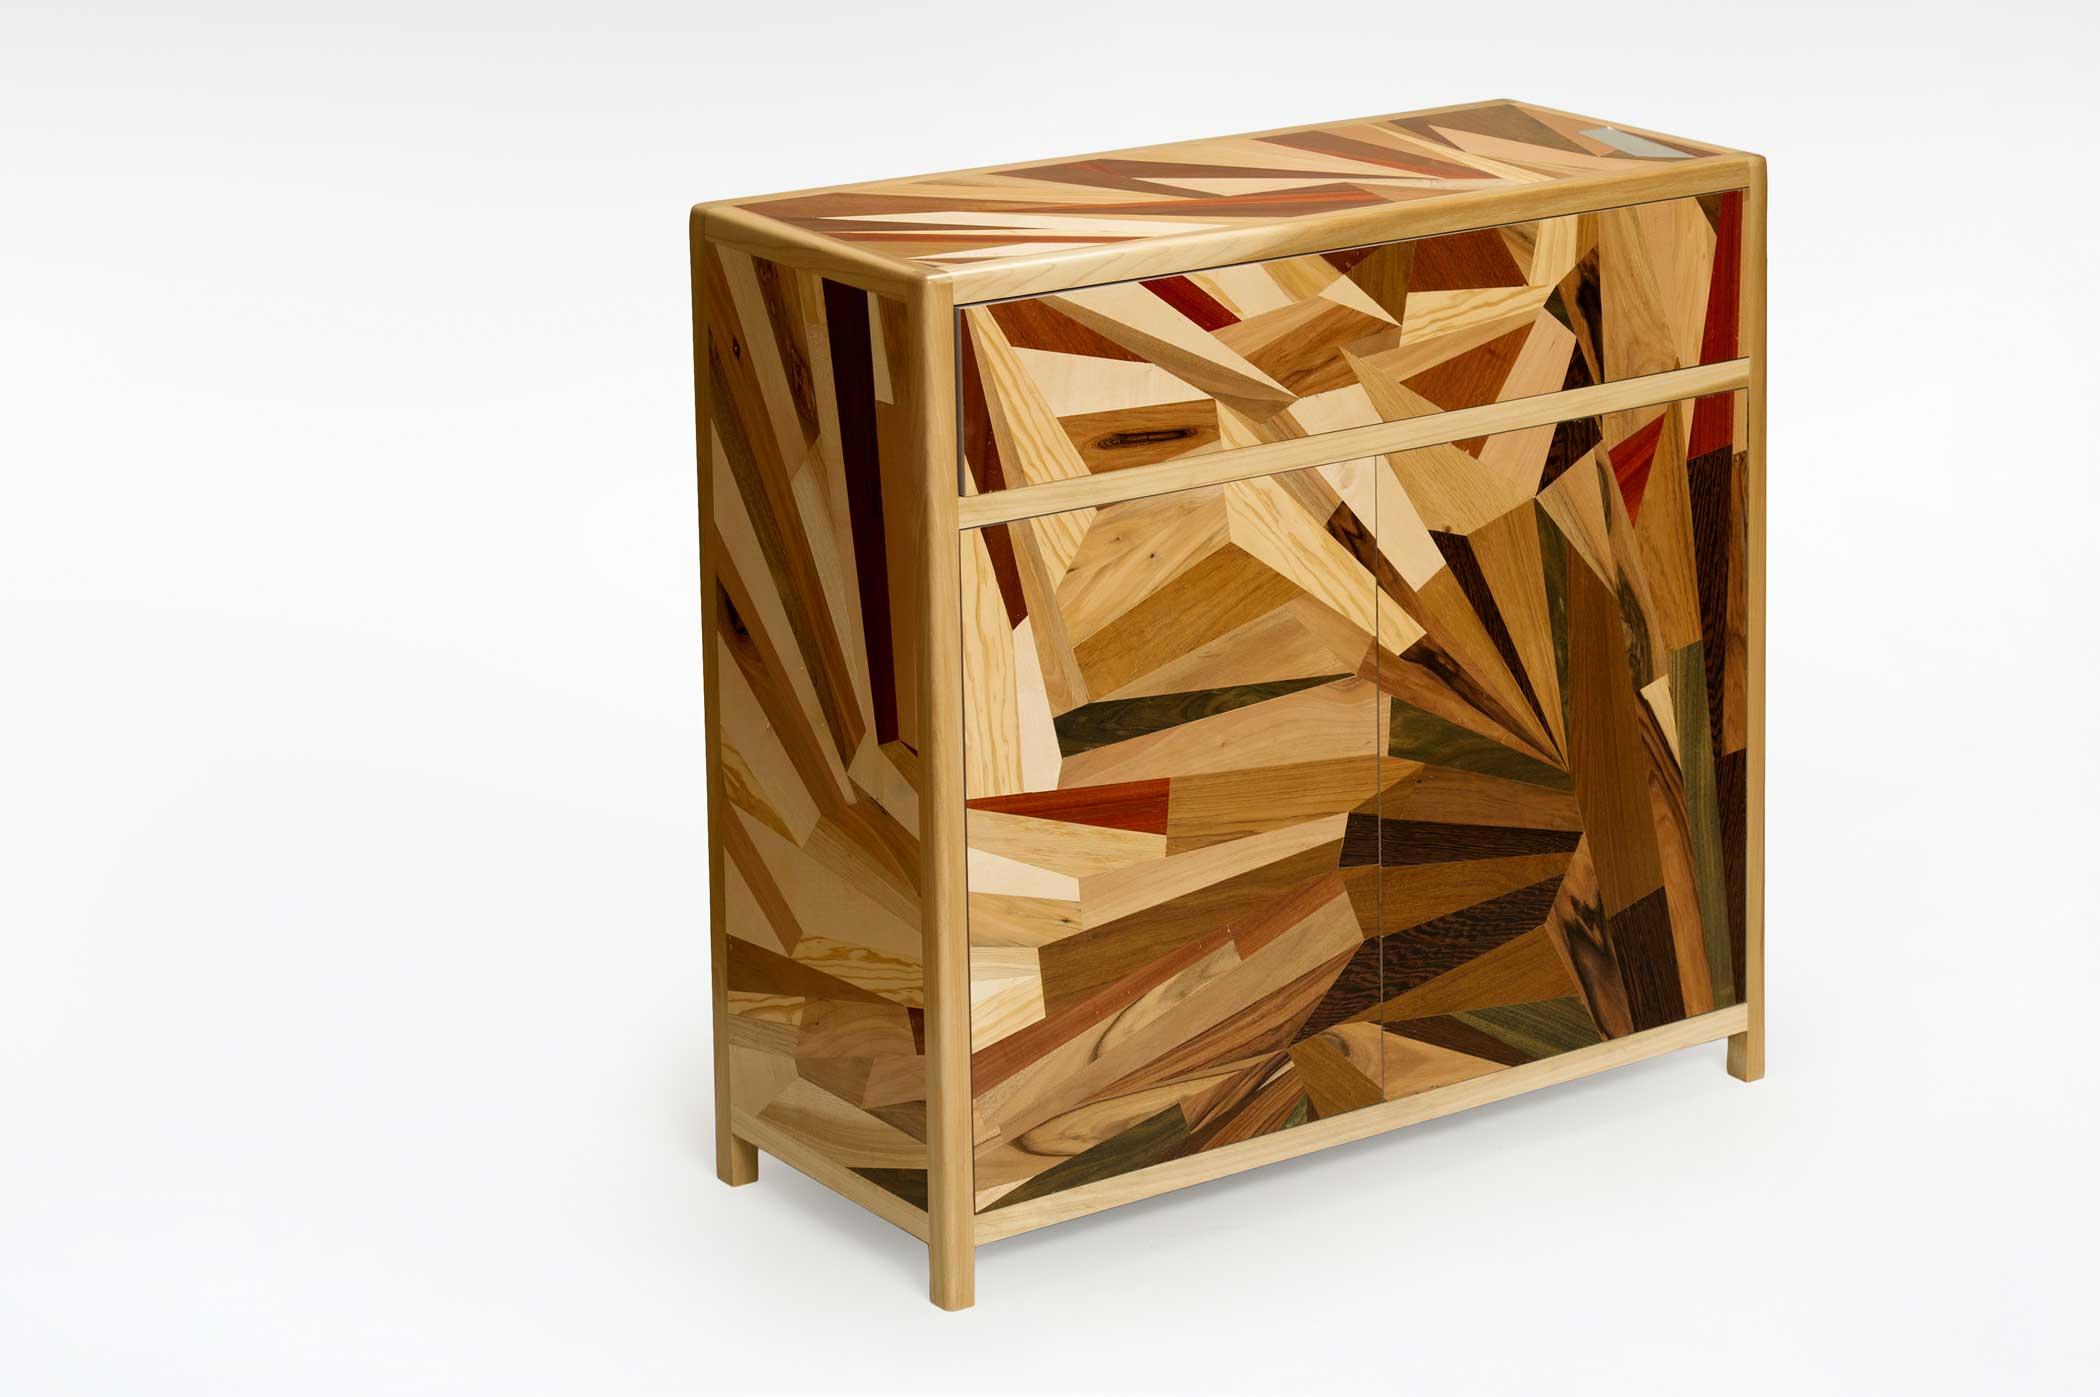 credenza intarsiata con varie essenze di legno dai toni caldi che rendono contemporanea la credenza classica.